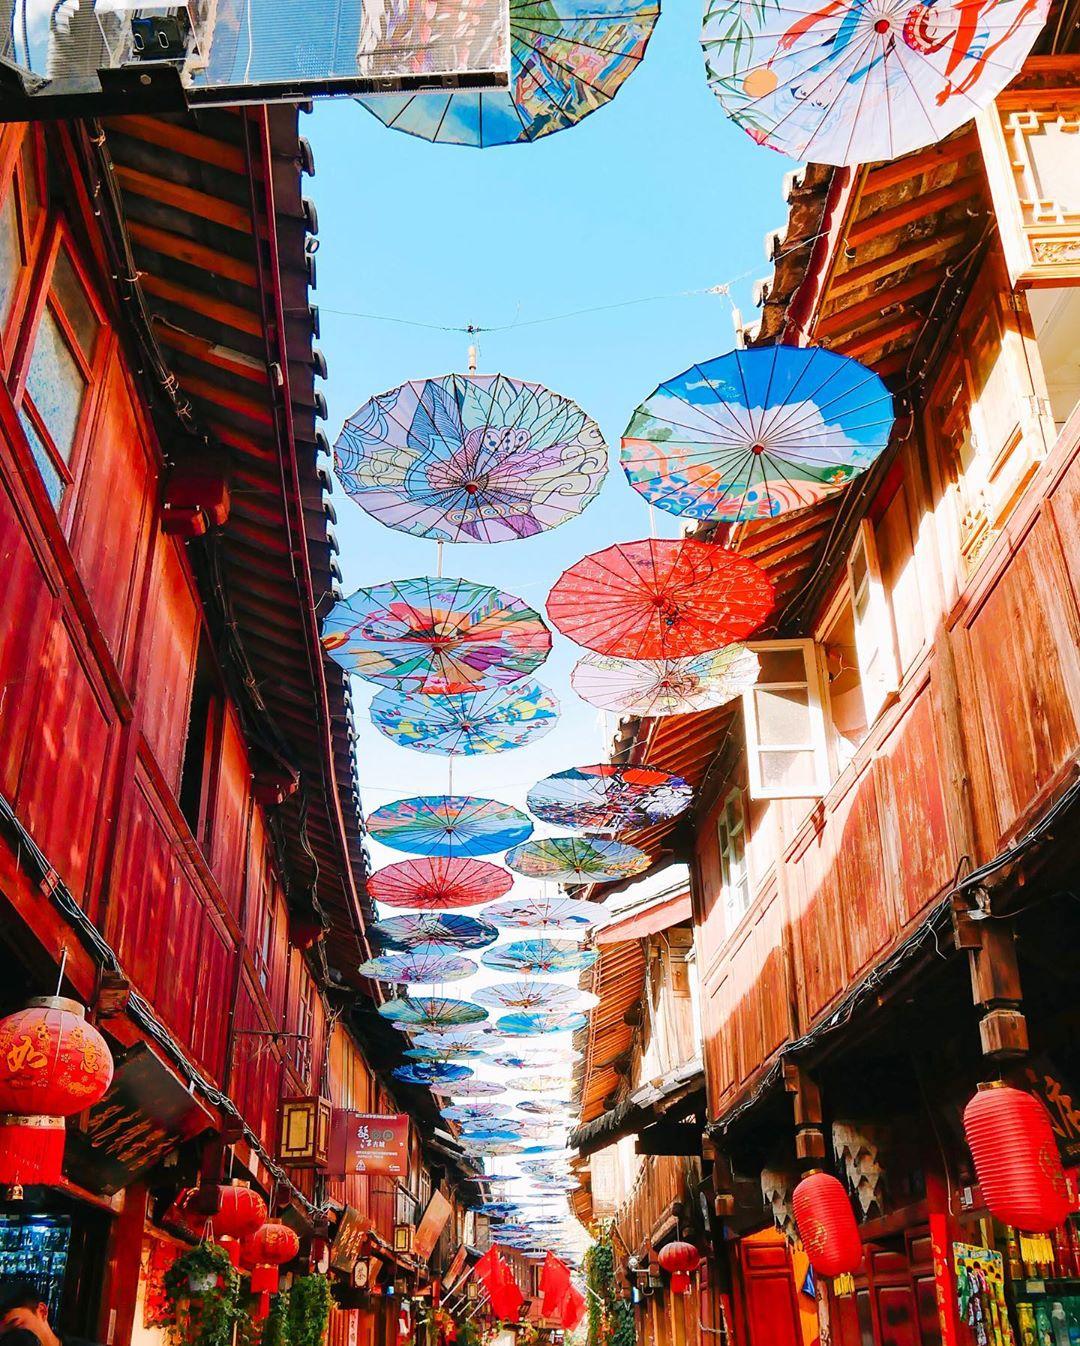 Lệ Giang cổ trấn (Lijiang), Vân Nam, Trung Quốc